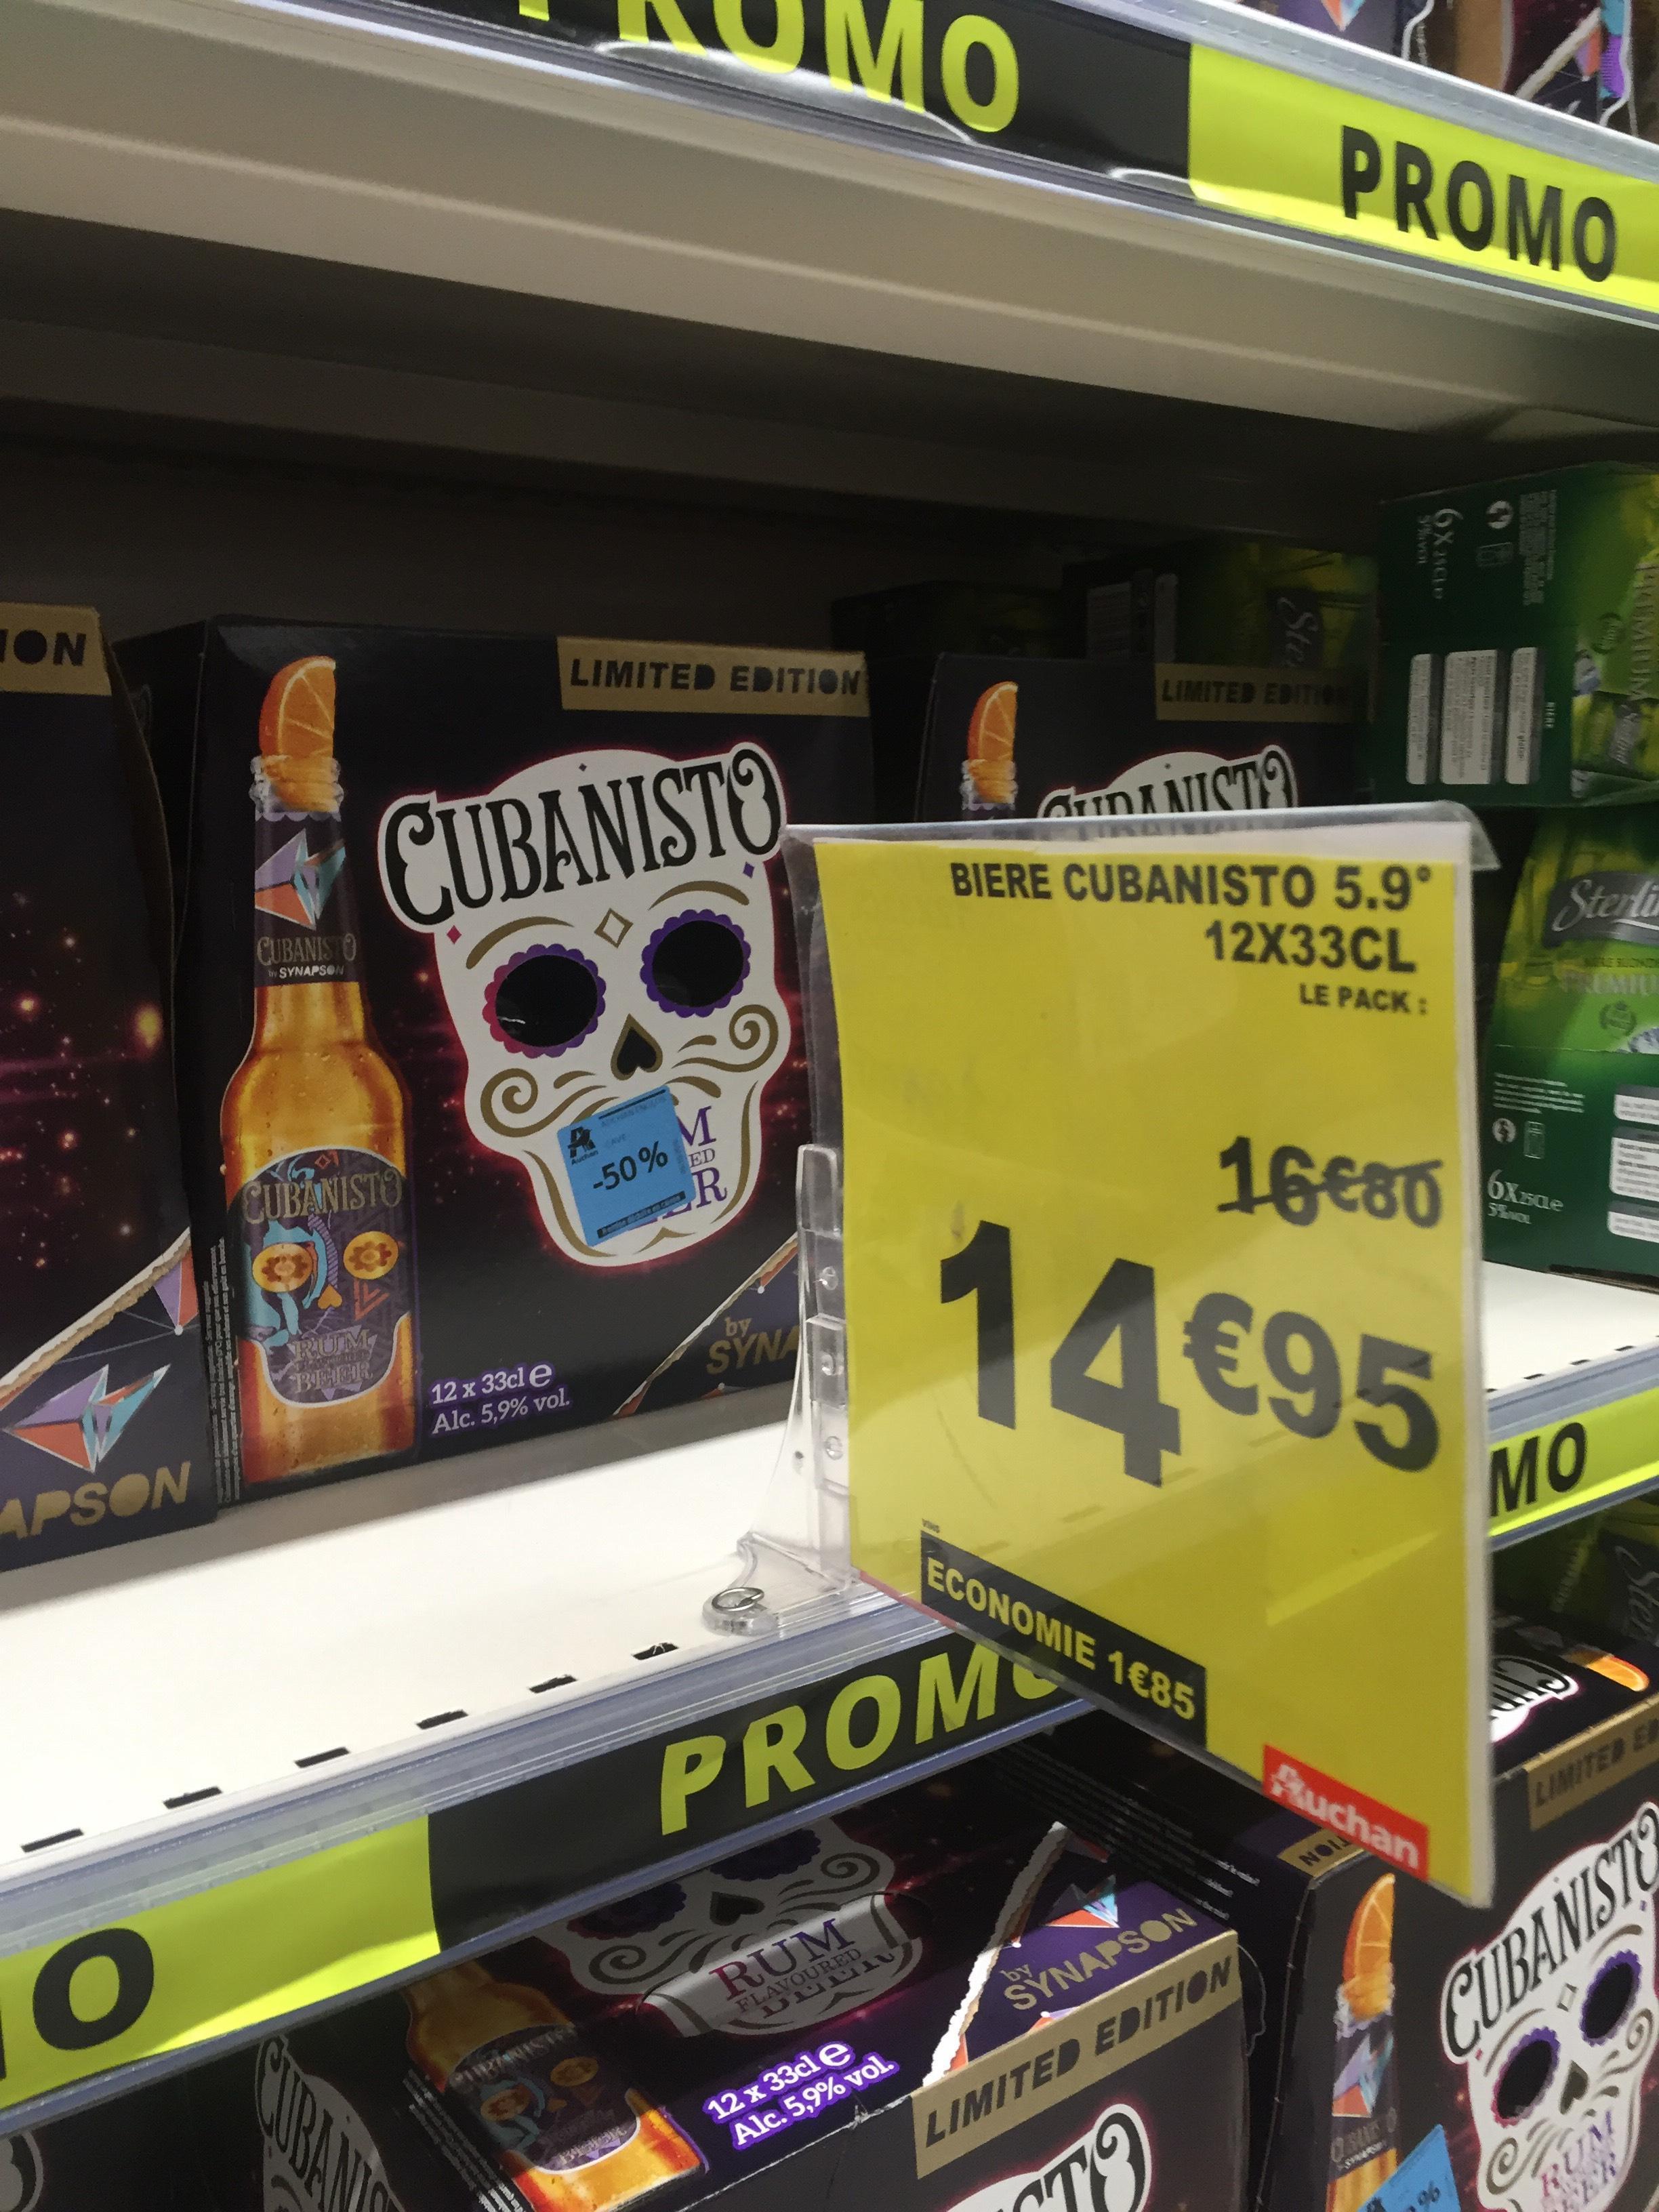 Pack de 12 x 33cl de bière Cubanisto